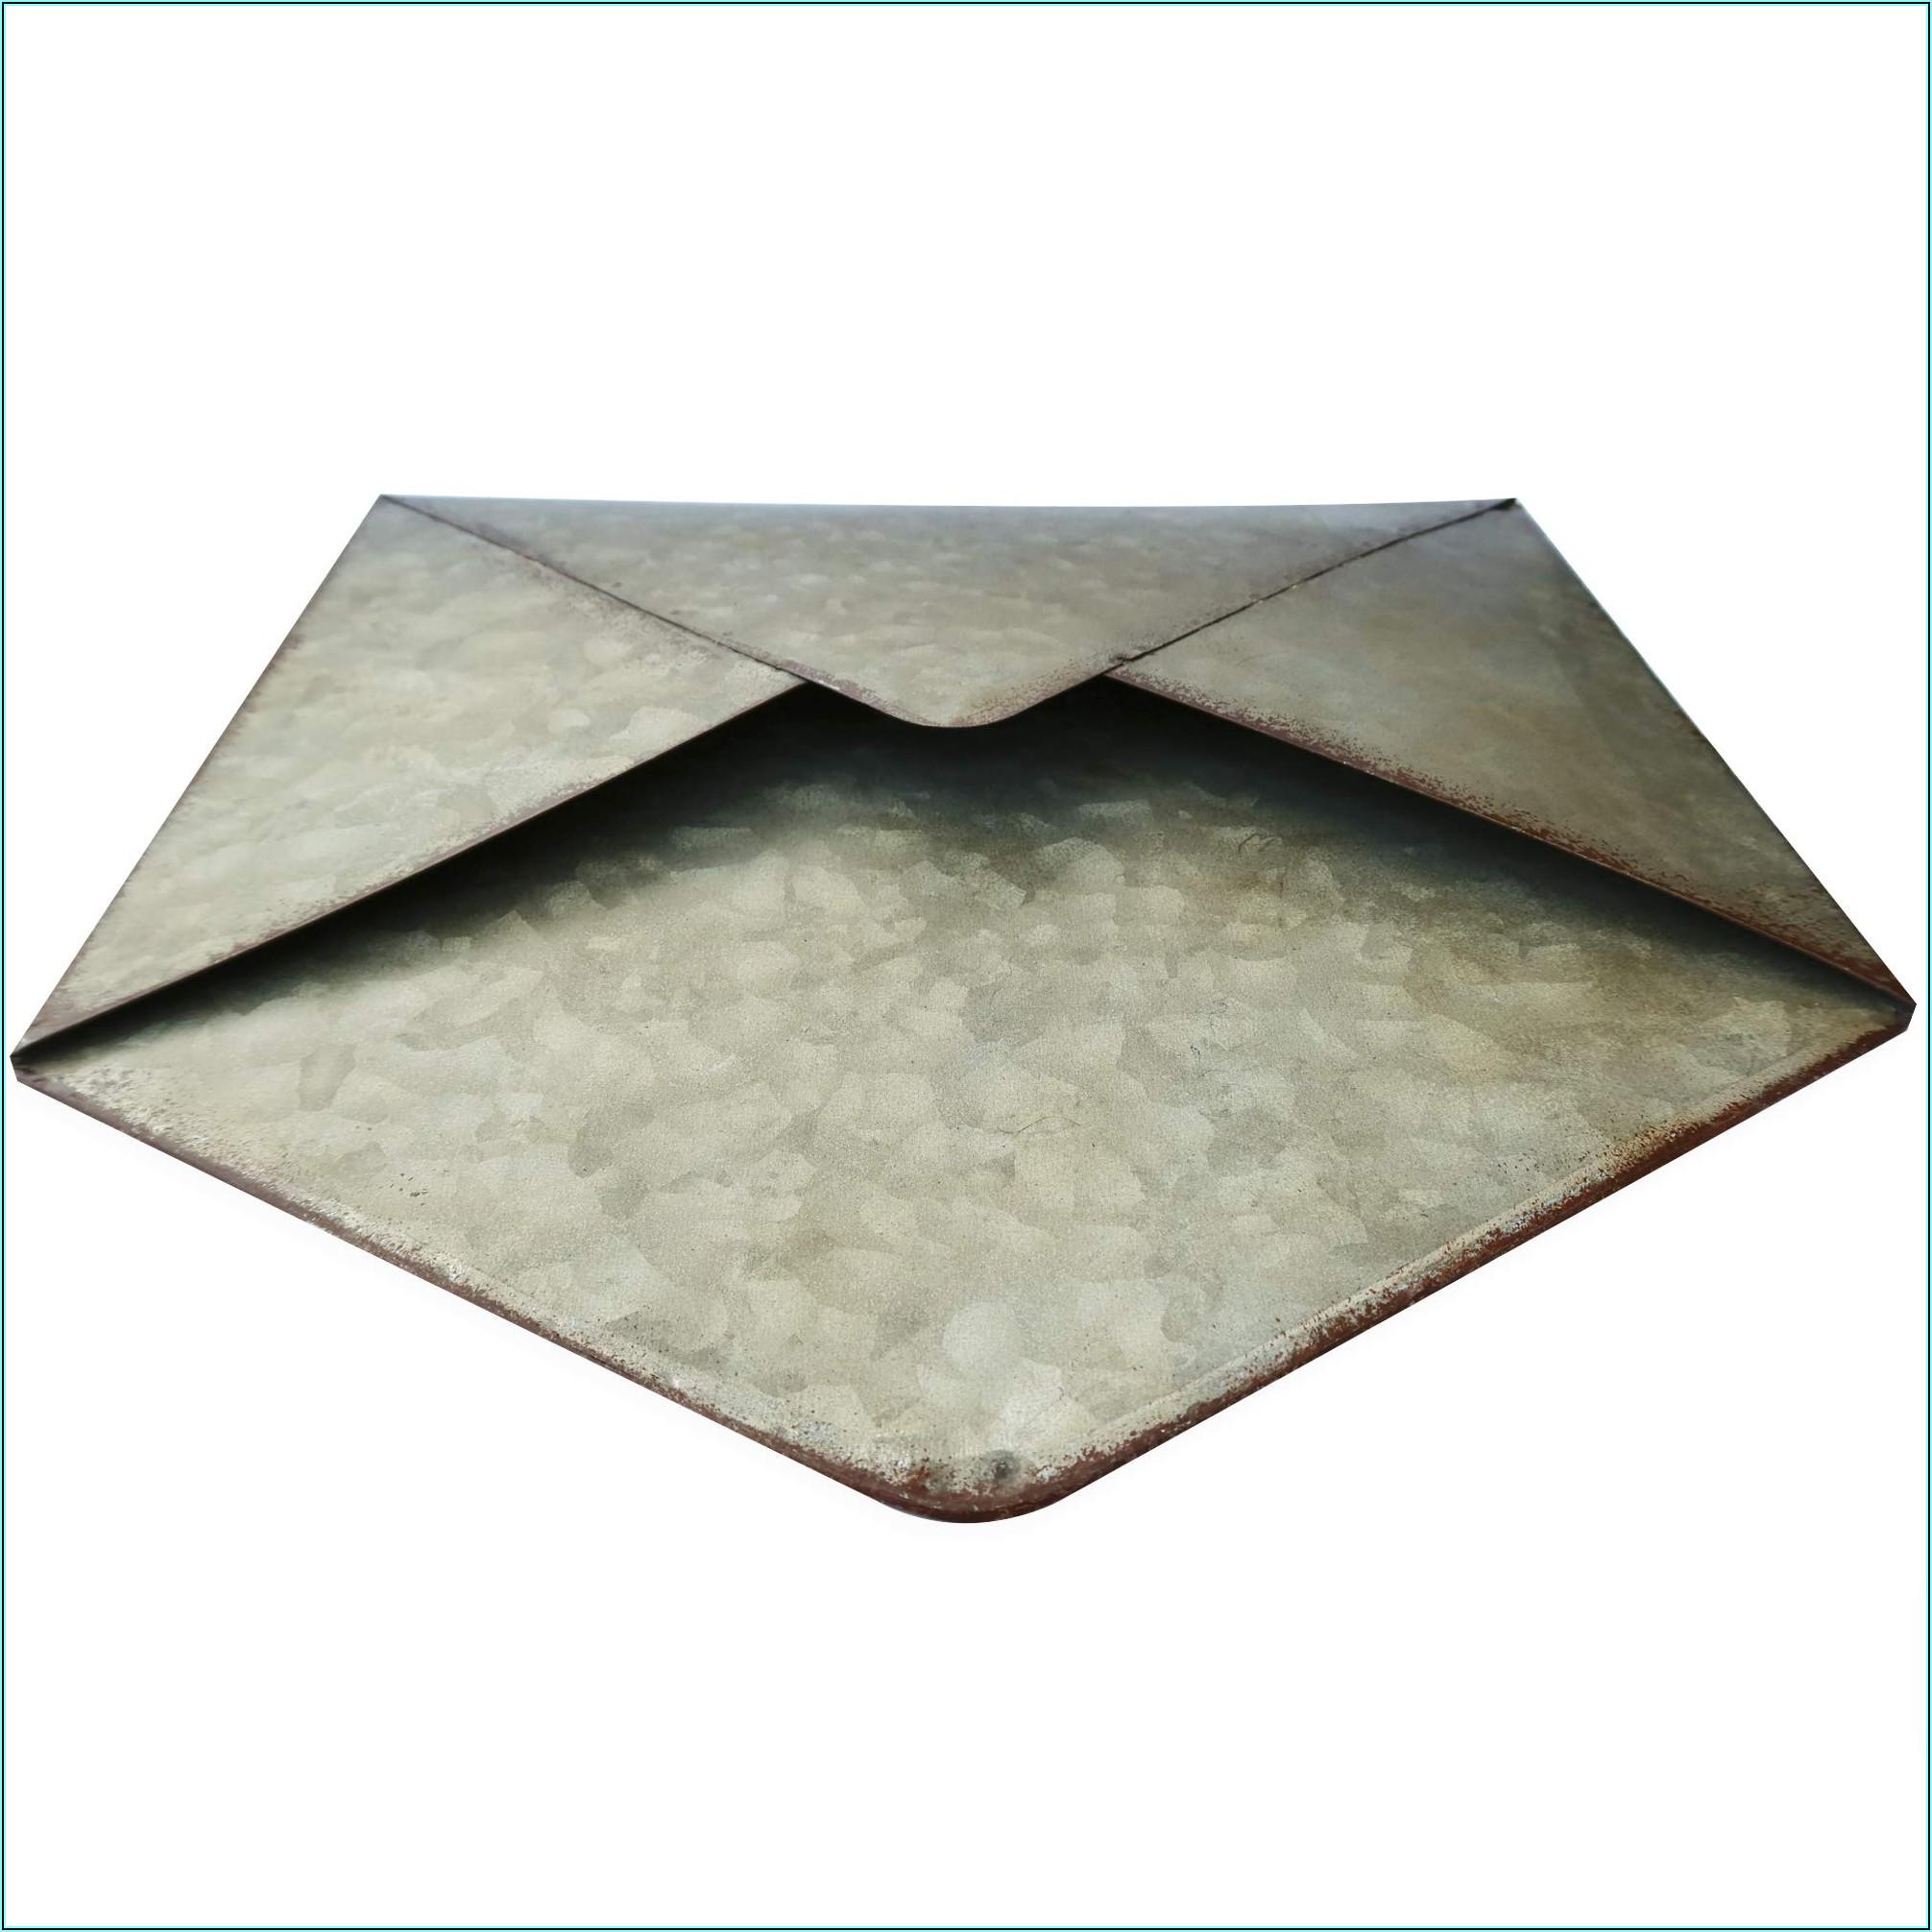 Galvanized Metal Wall Mounted Hanging Envelope Decor